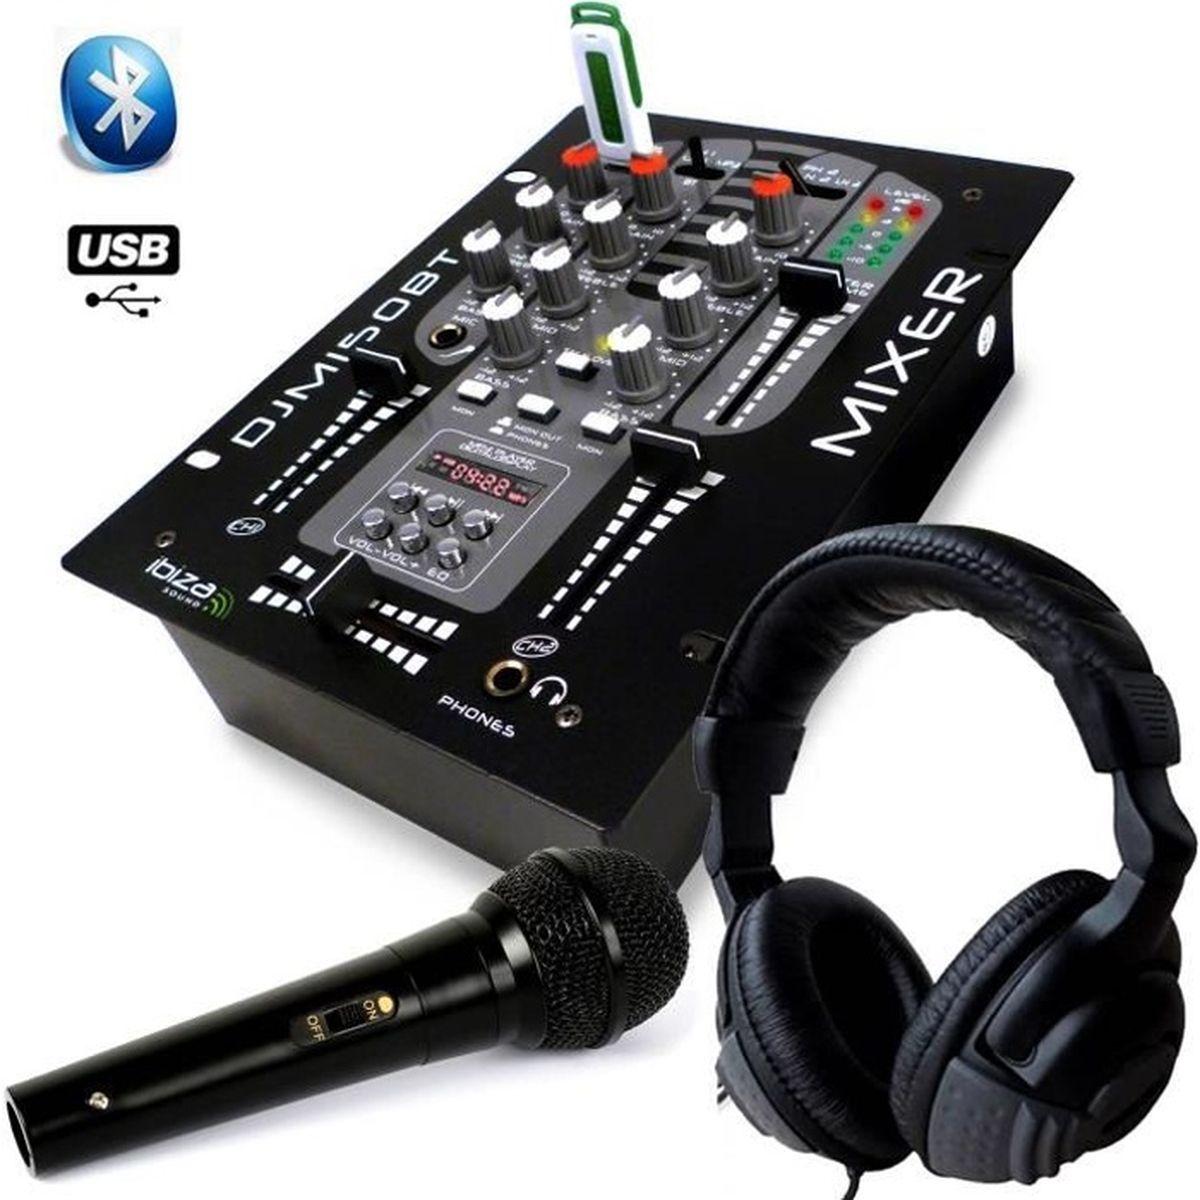 casque audio table de mixage usb bluetooth 2 voies 5 canaux djm 150 usb bt micro dynalique. Black Bedroom Furniture Sets. Home Design Ideas